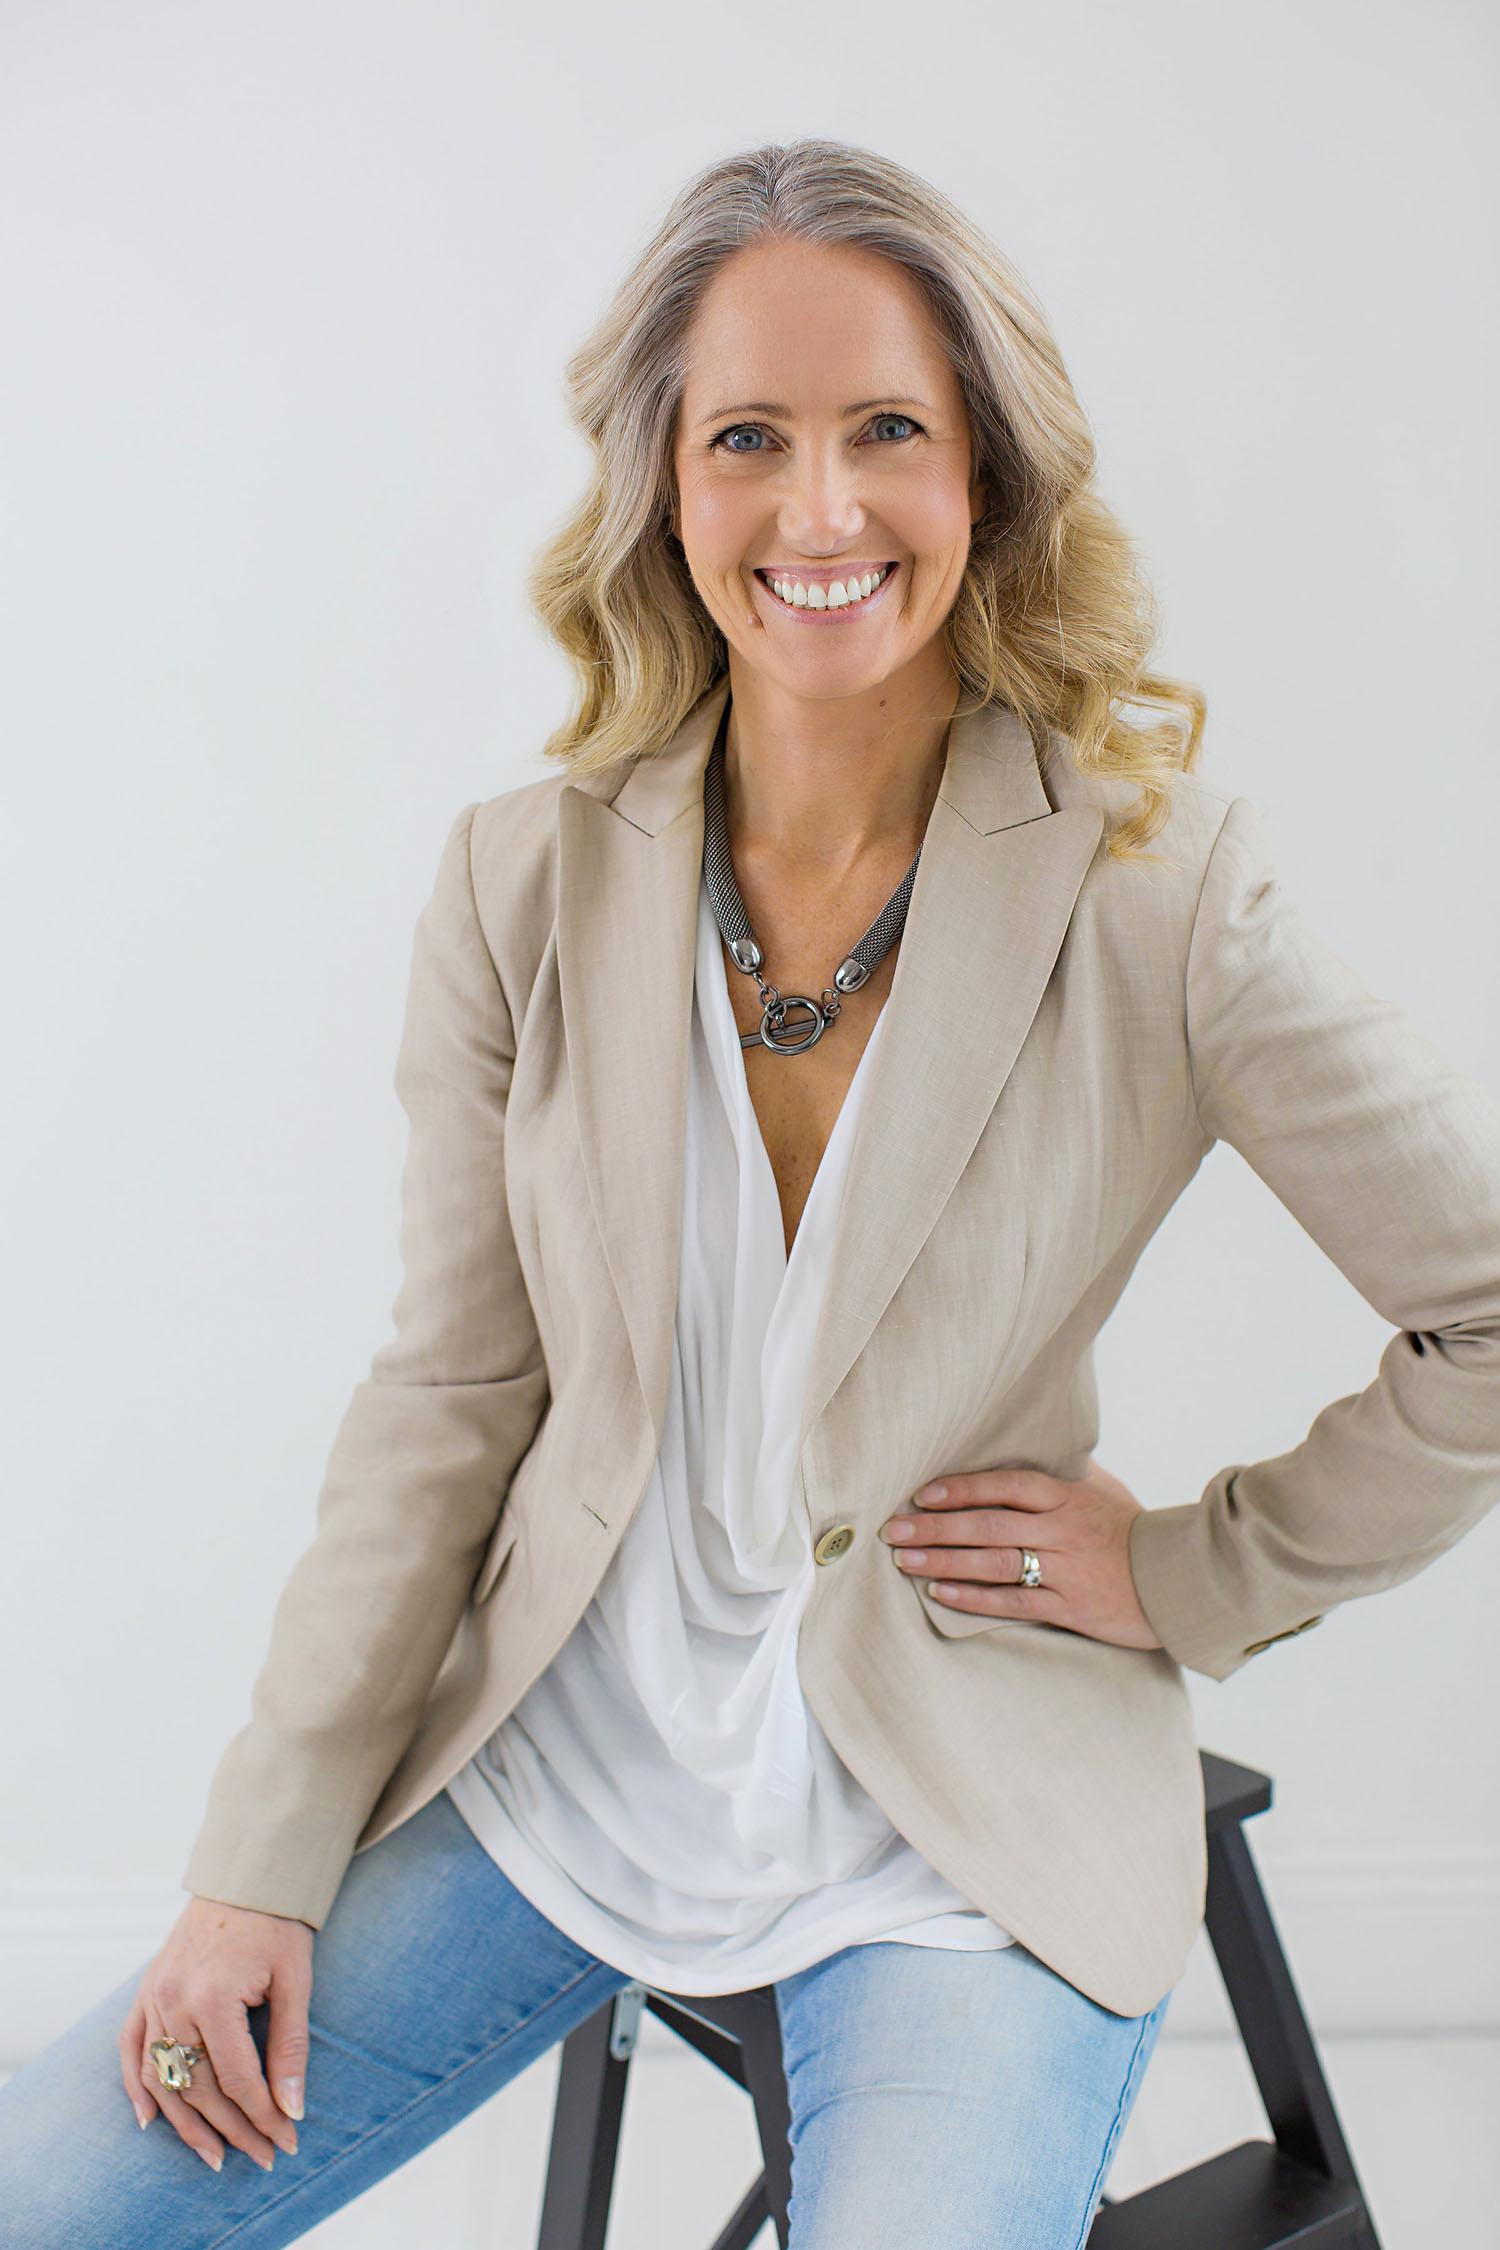 Booking-with-Johannah Barton-Confetti-Design-web-design-melbourne